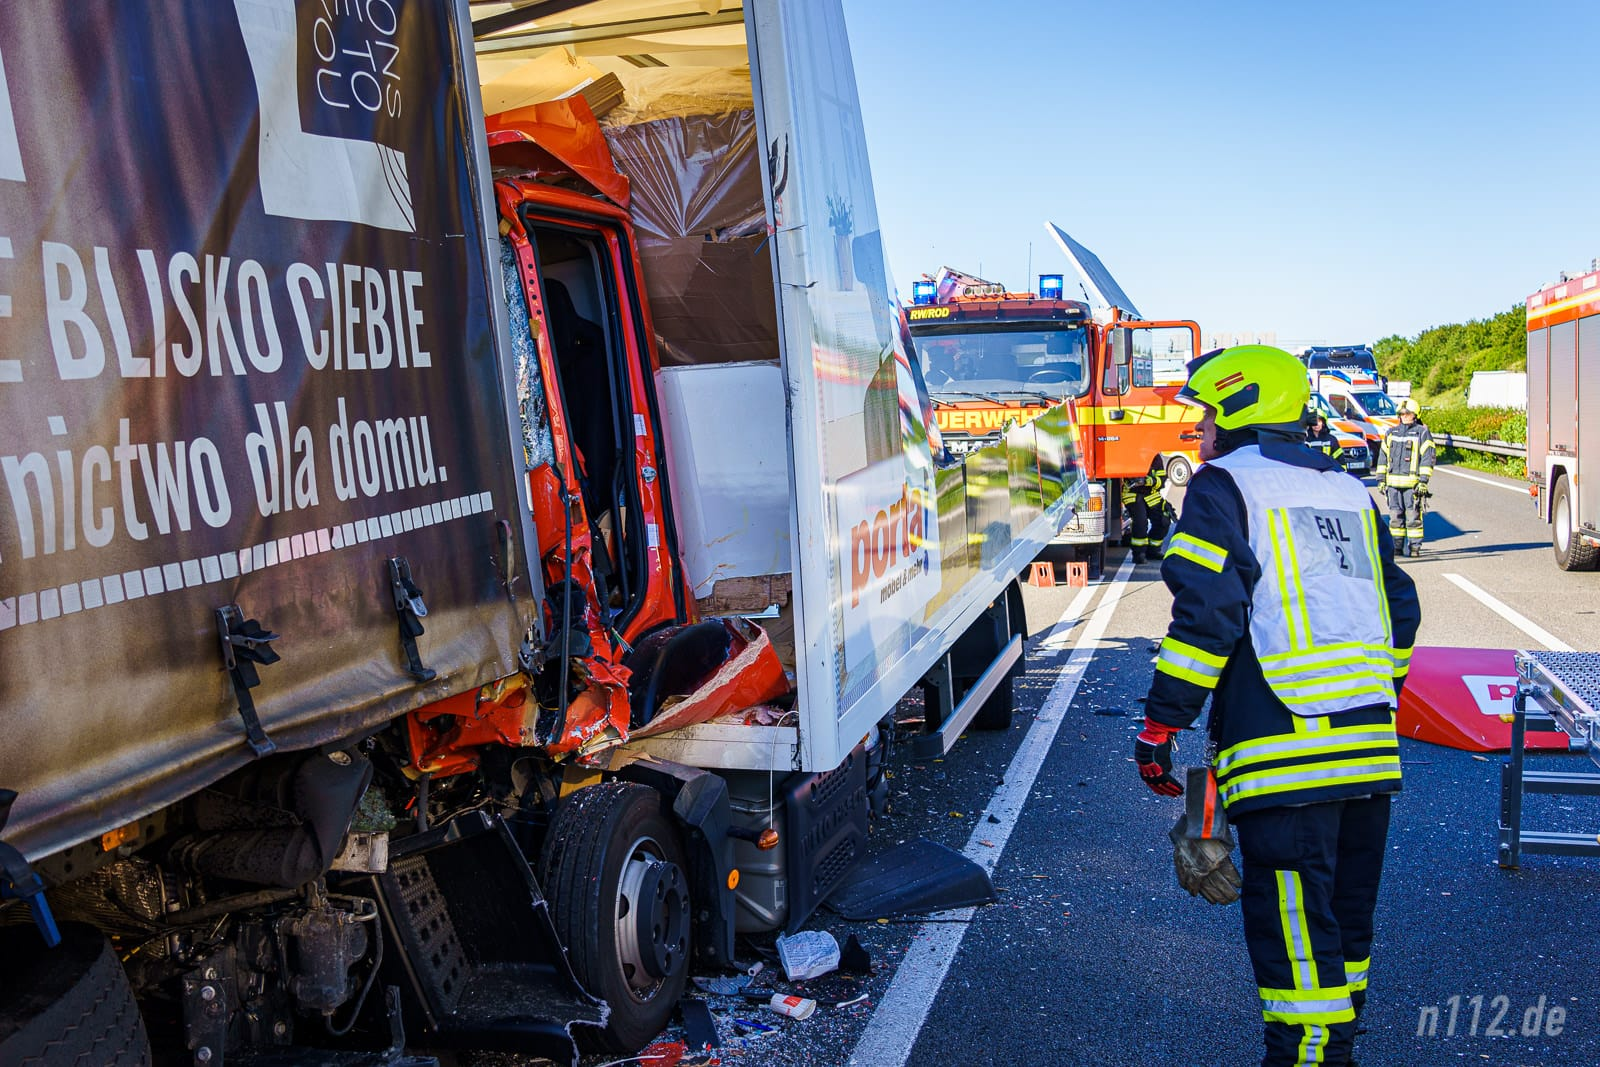 Jede Hilfe kam zu spät: Der Fahrer des Möbel-LKW konnte nicht mehr gerettet werden (Foto: n112.de(Stefan Simonsen)